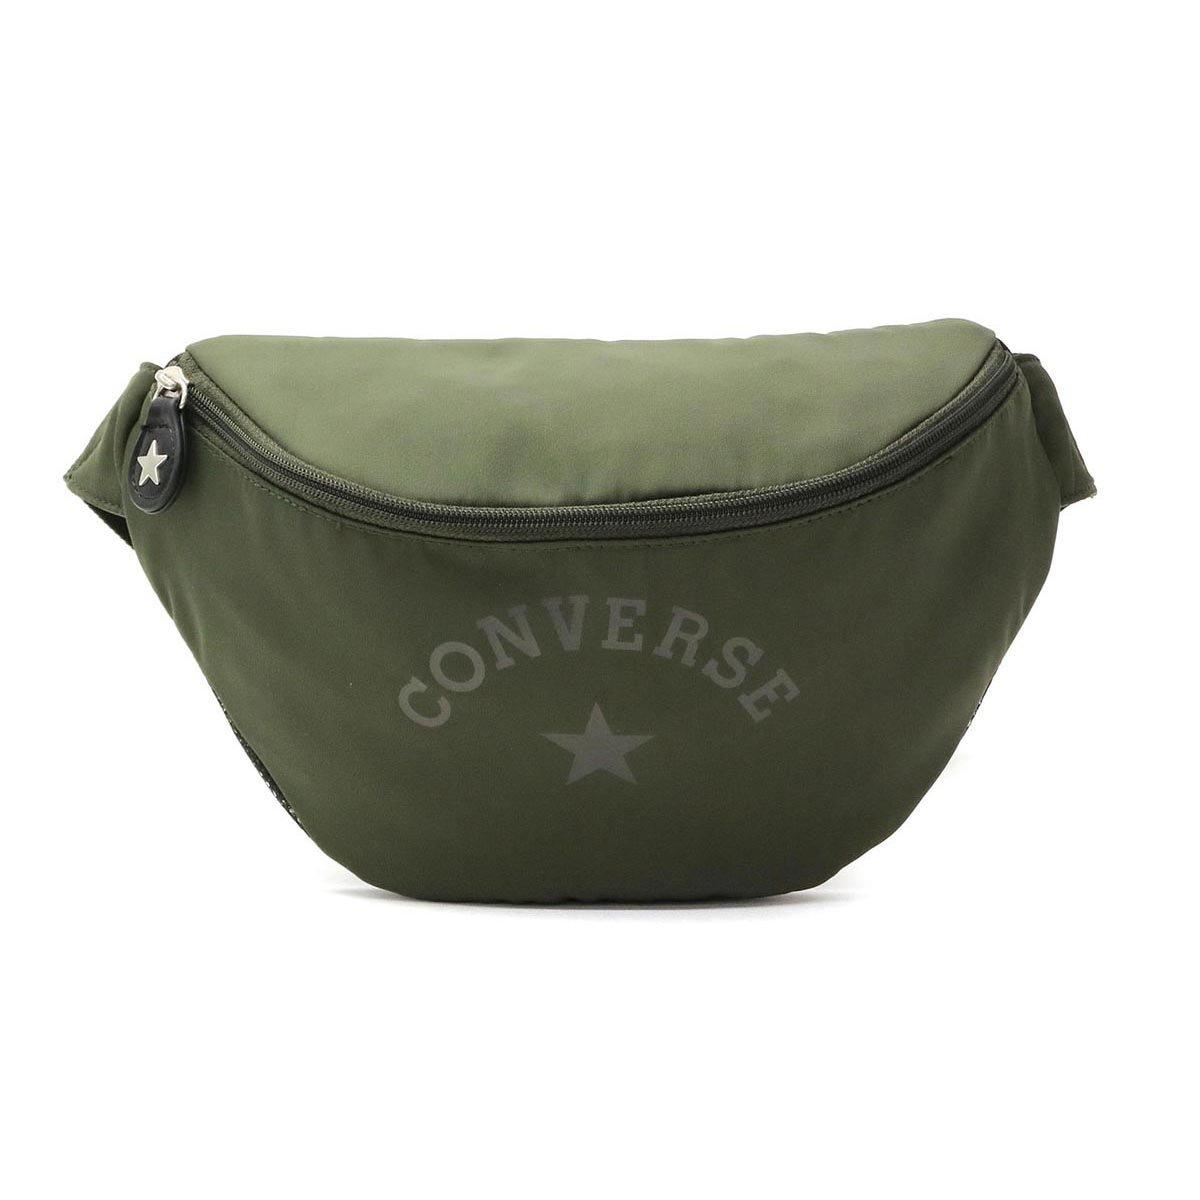 [コンバース]CONVERSE Classic Body Shoulder ボディバッグ 17946300 B079XW4DX7  カーキ(35)